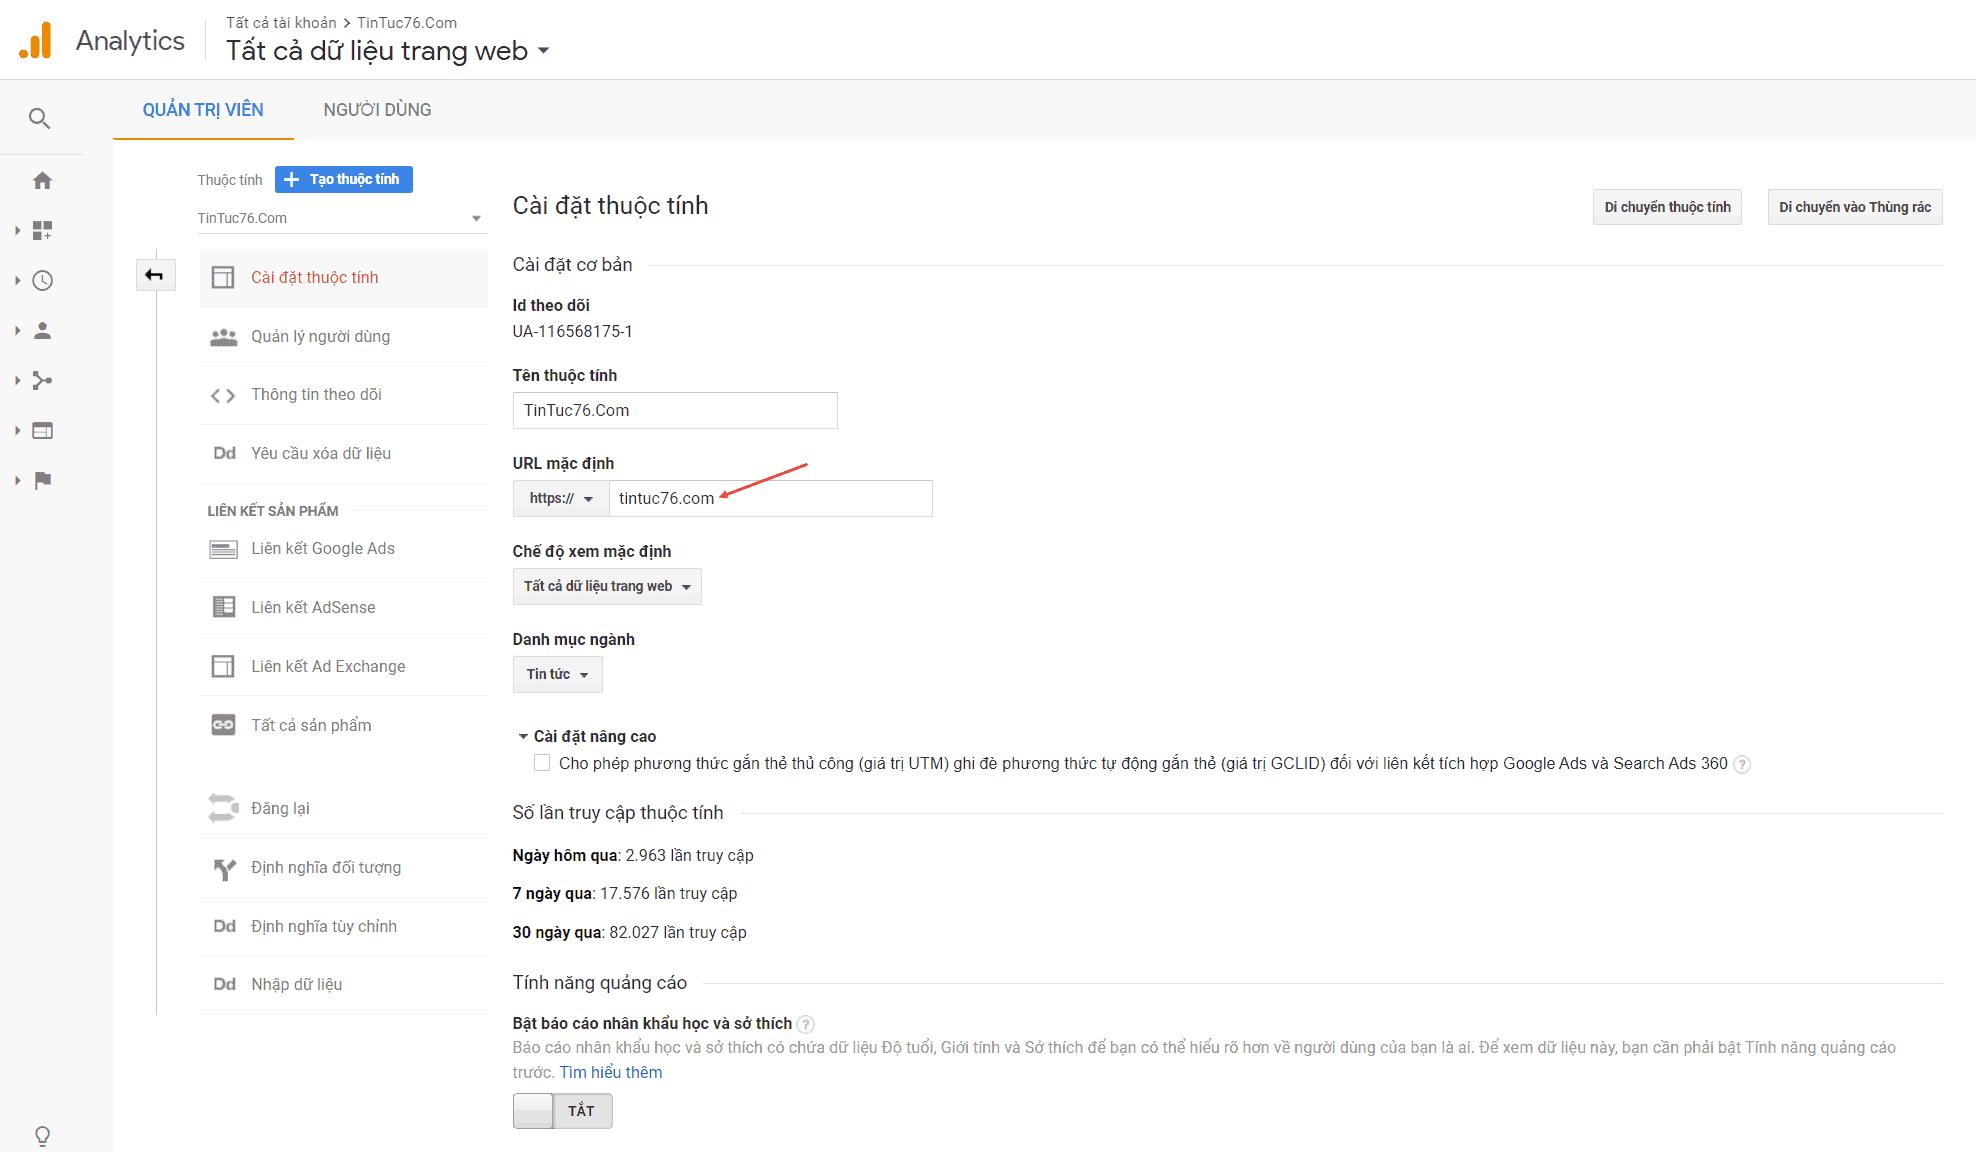 đổi domain không mất thứ hạng seo